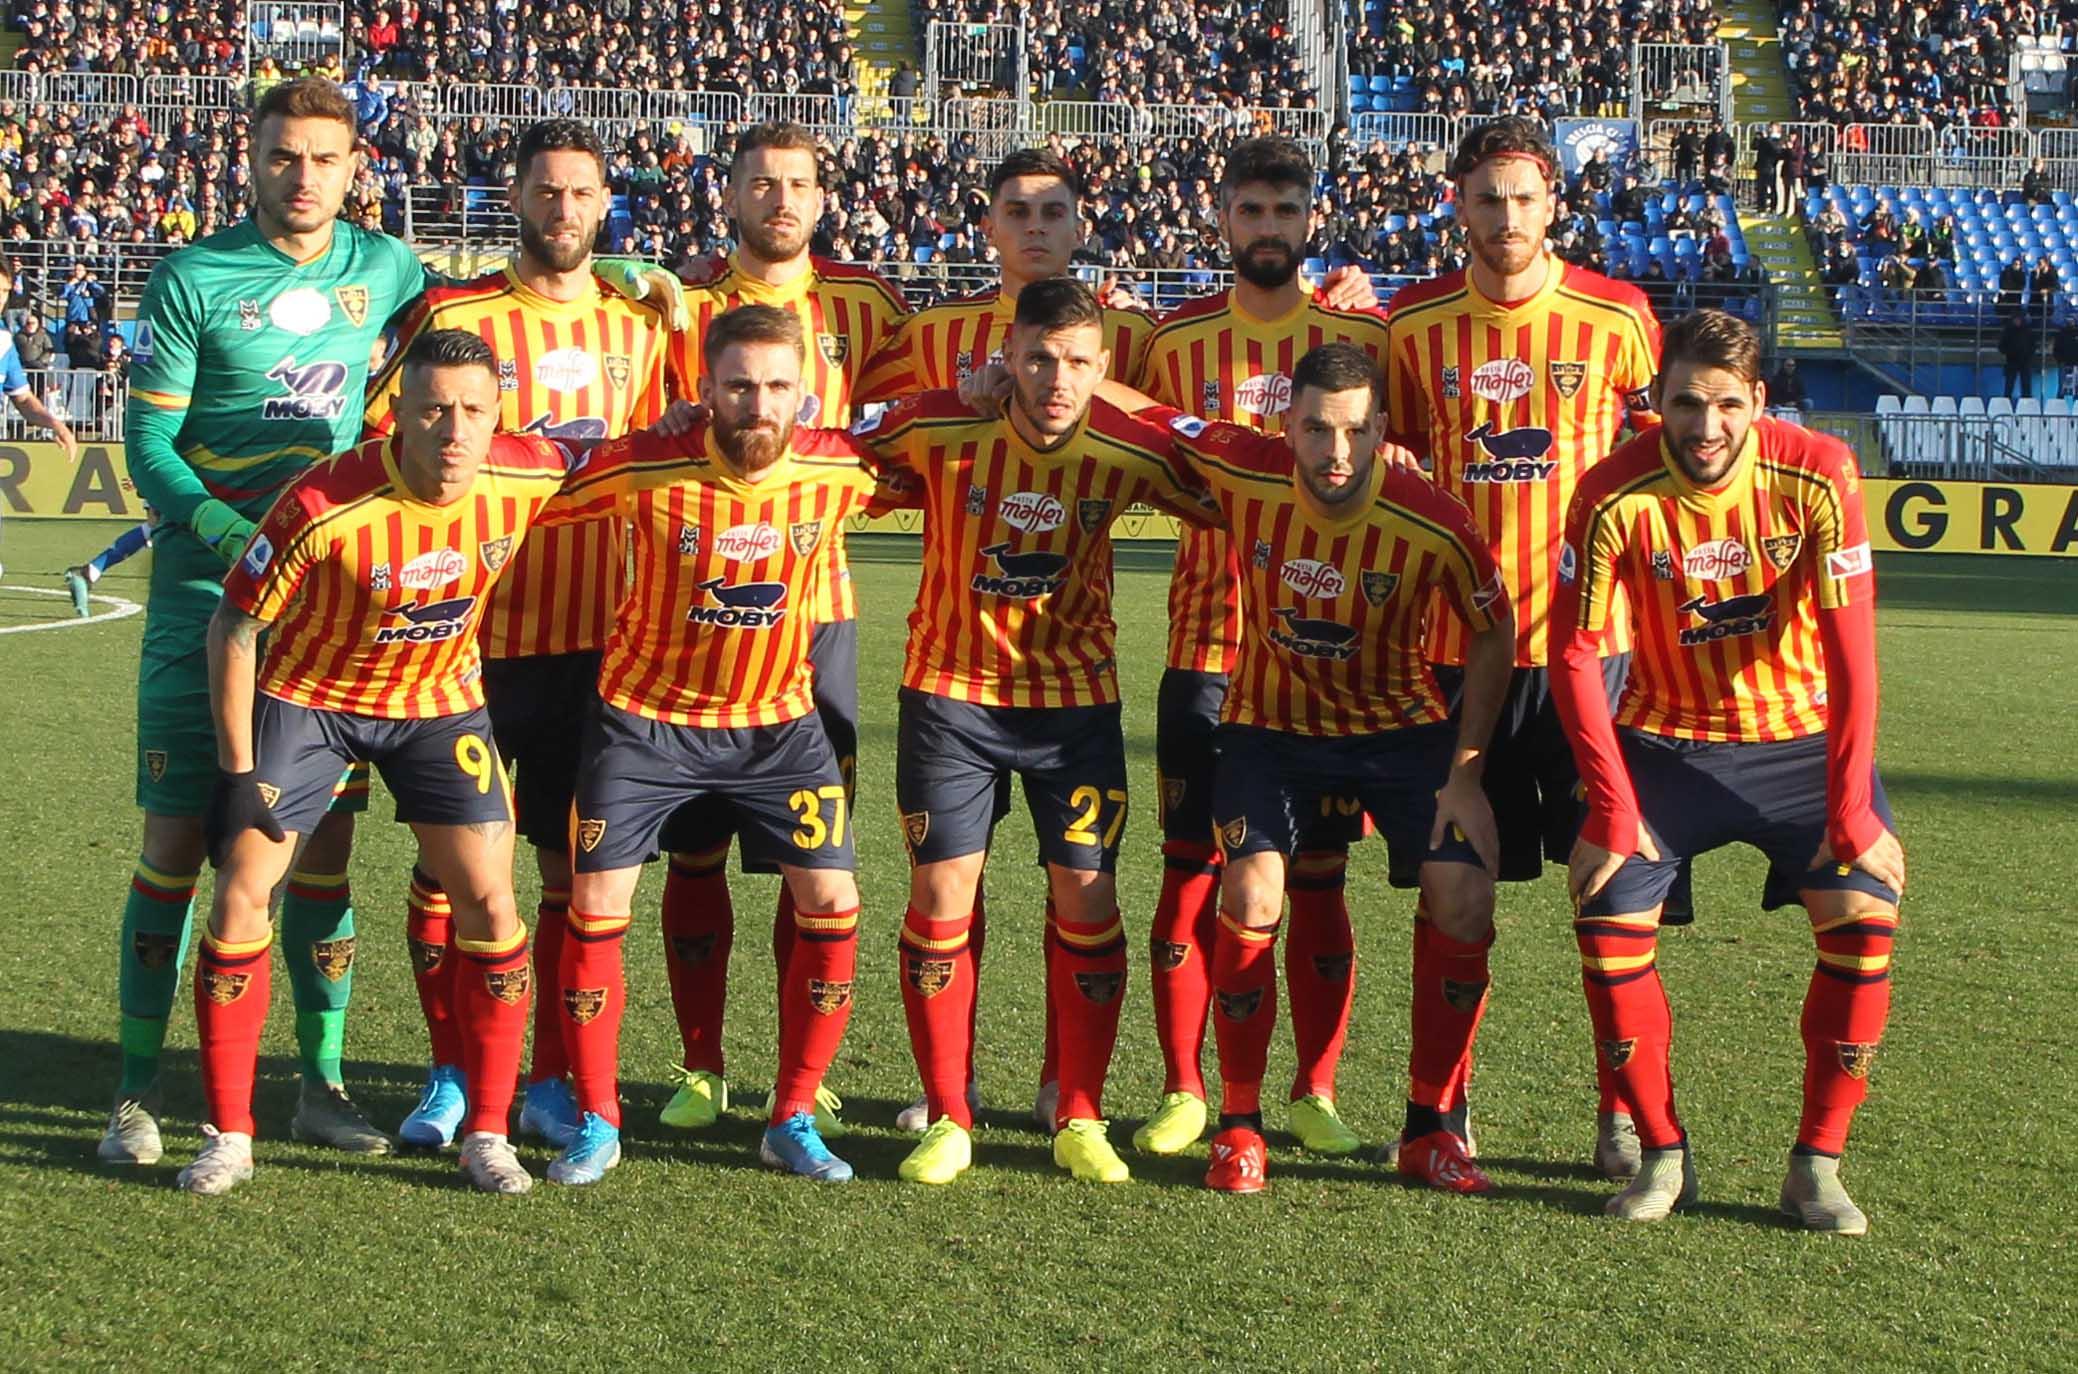 Dal Milan Al Parma Sara Una Corsa Salvezza Tutta D Un Fiato Il Nuovo Calendario Del Lecce Calcio Lecce